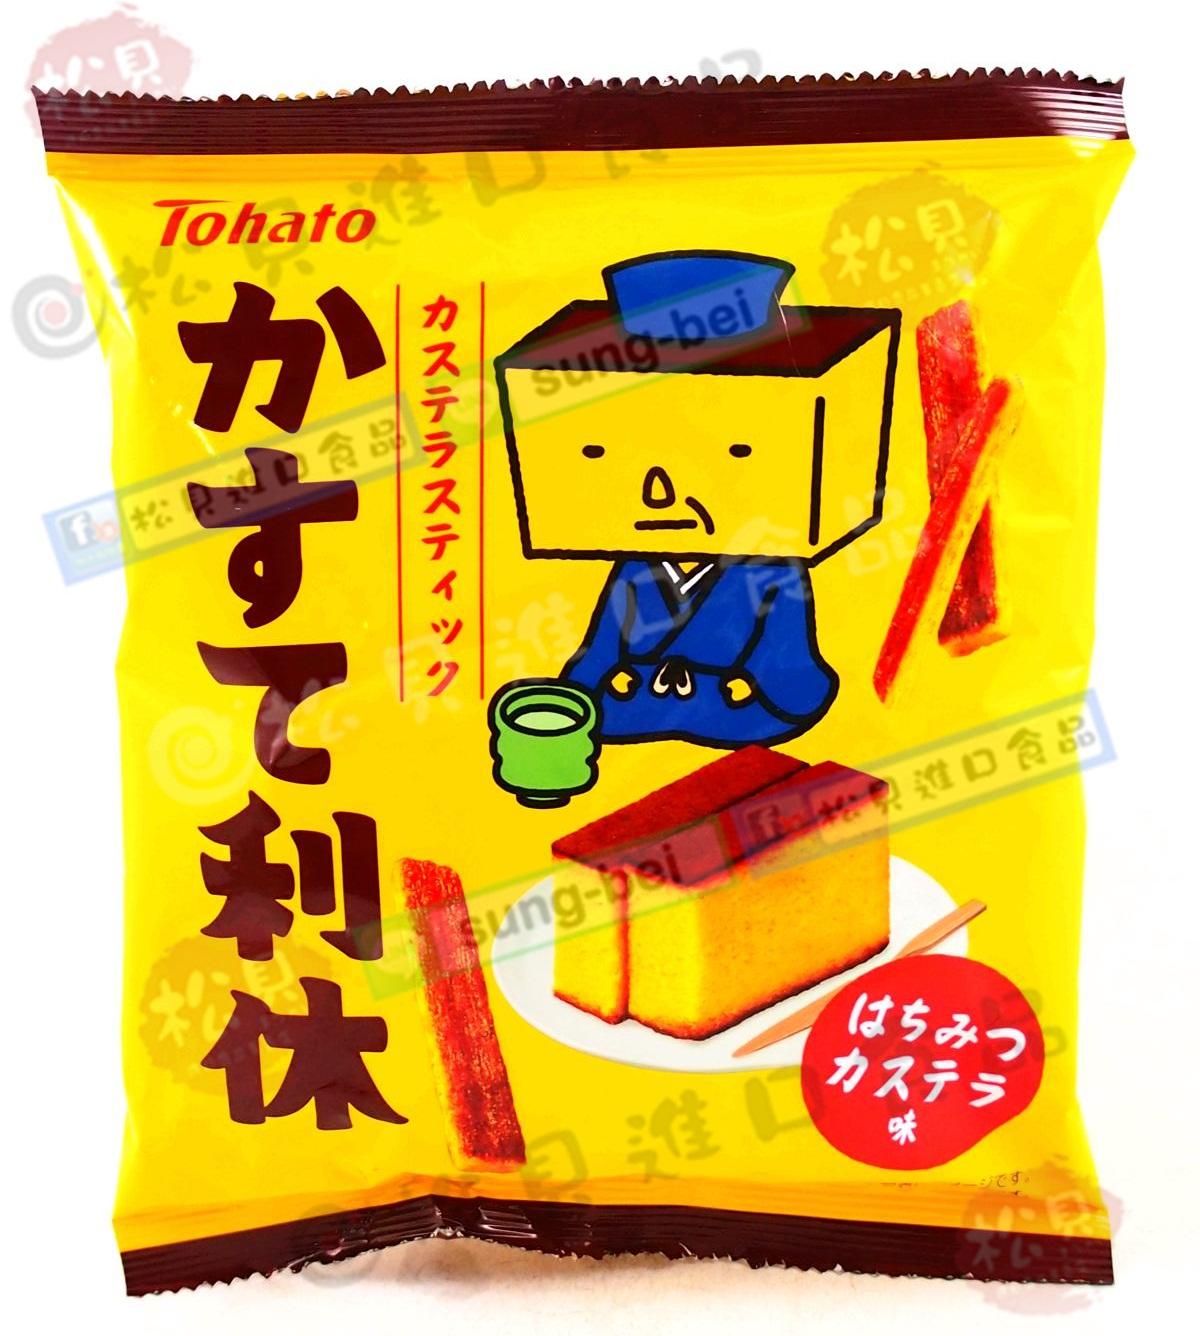 東鳩利休君條餅(蜂蜜蛋糕)43g【4901940036387】